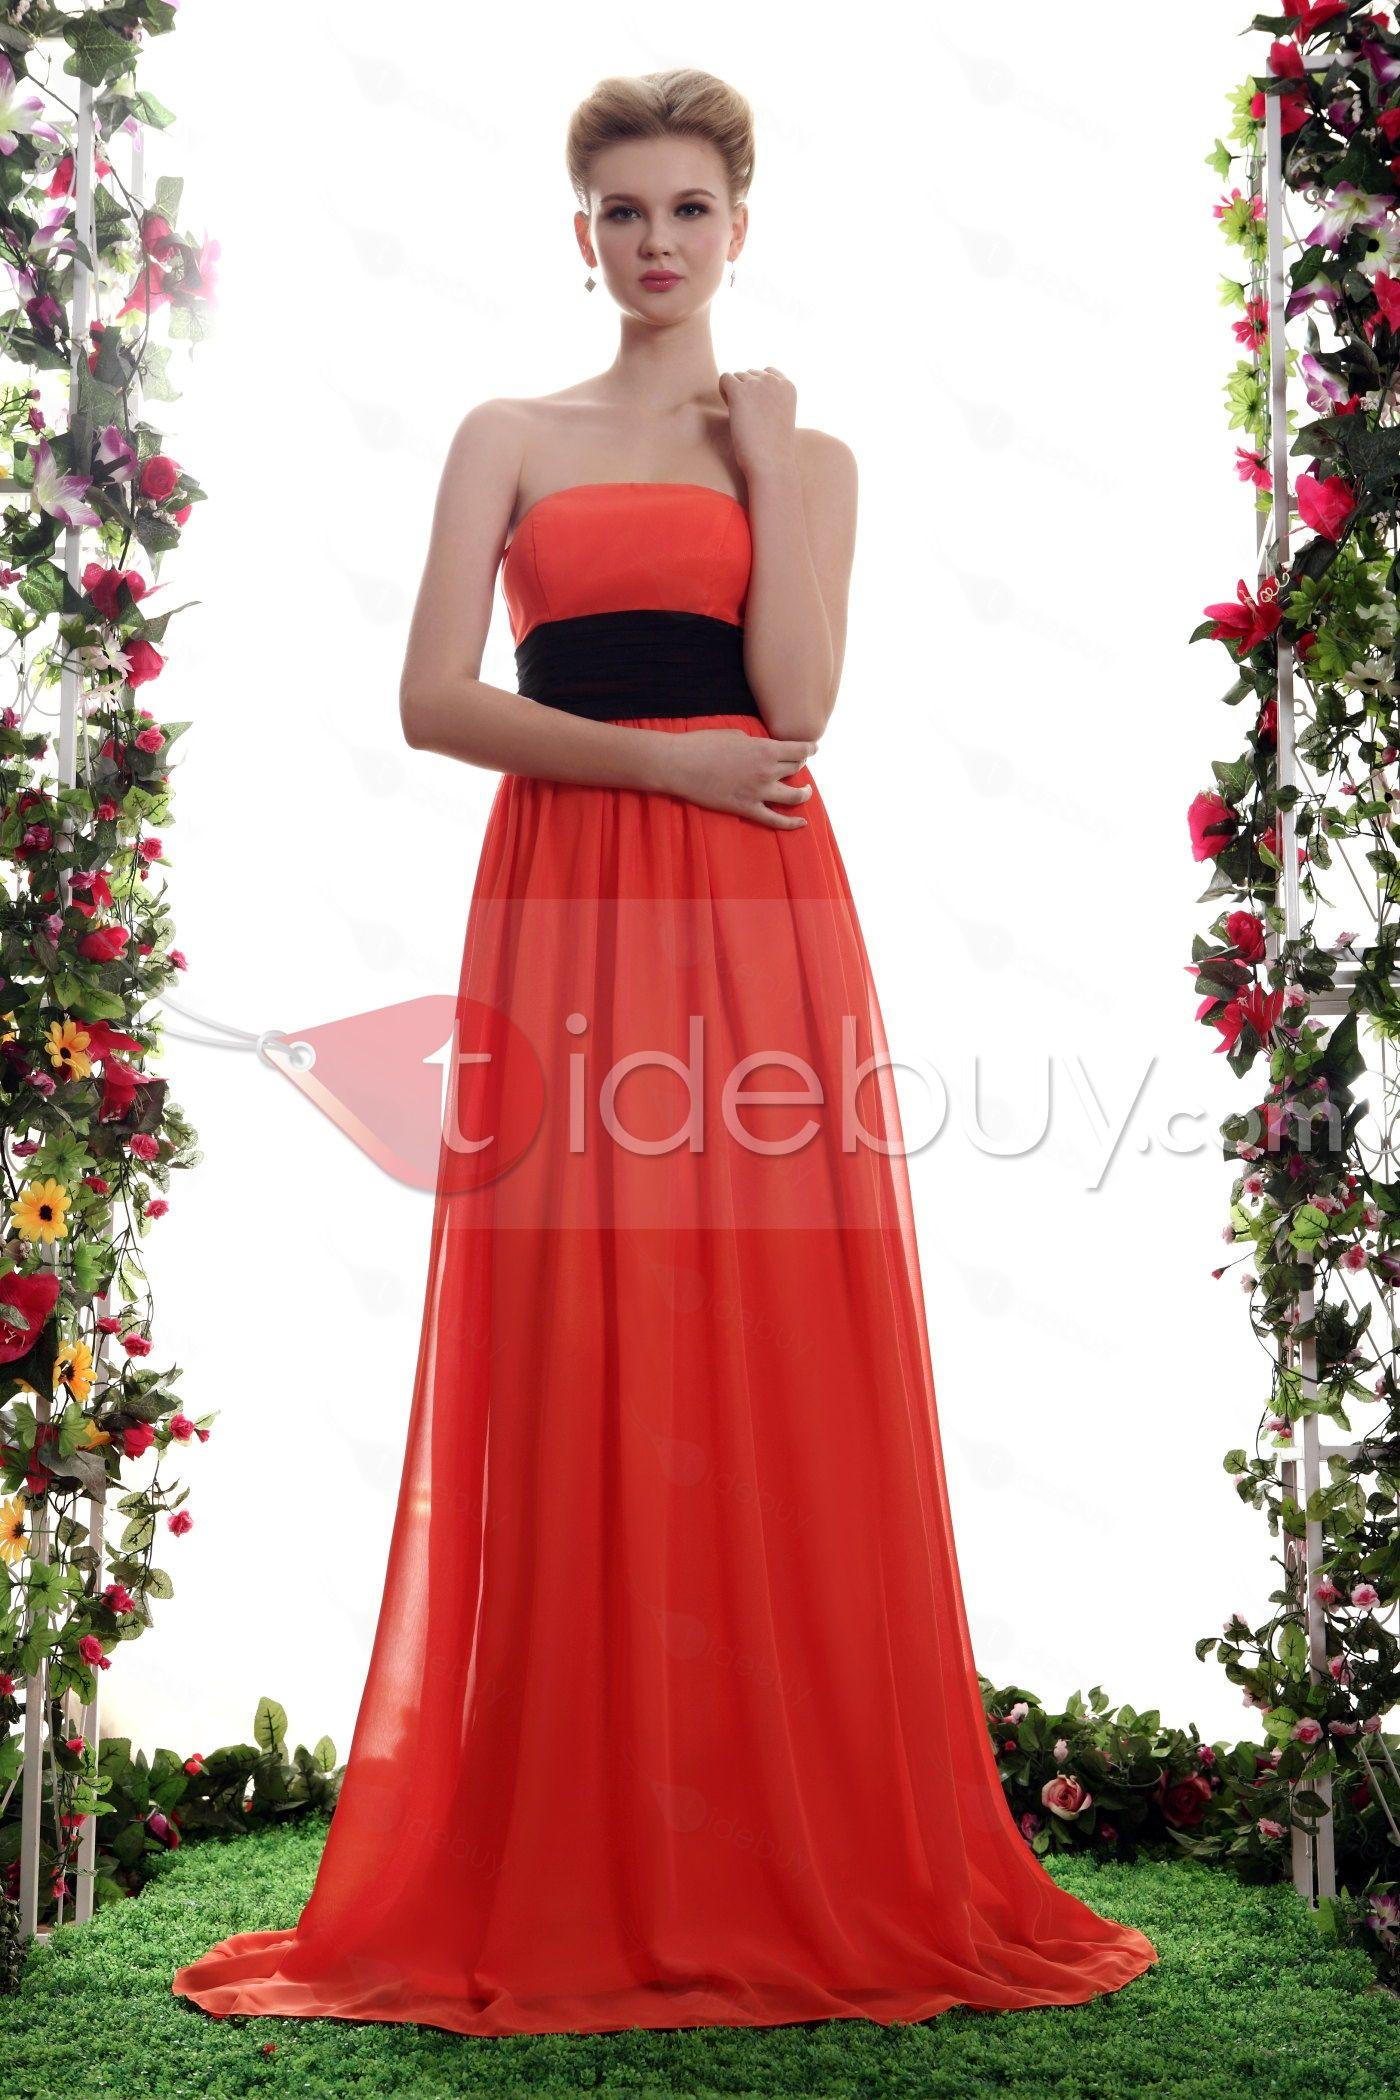 魅力的なサッシュ/リボンエンパイアウエストストラップレスネック床長ヤナウエディングドレス